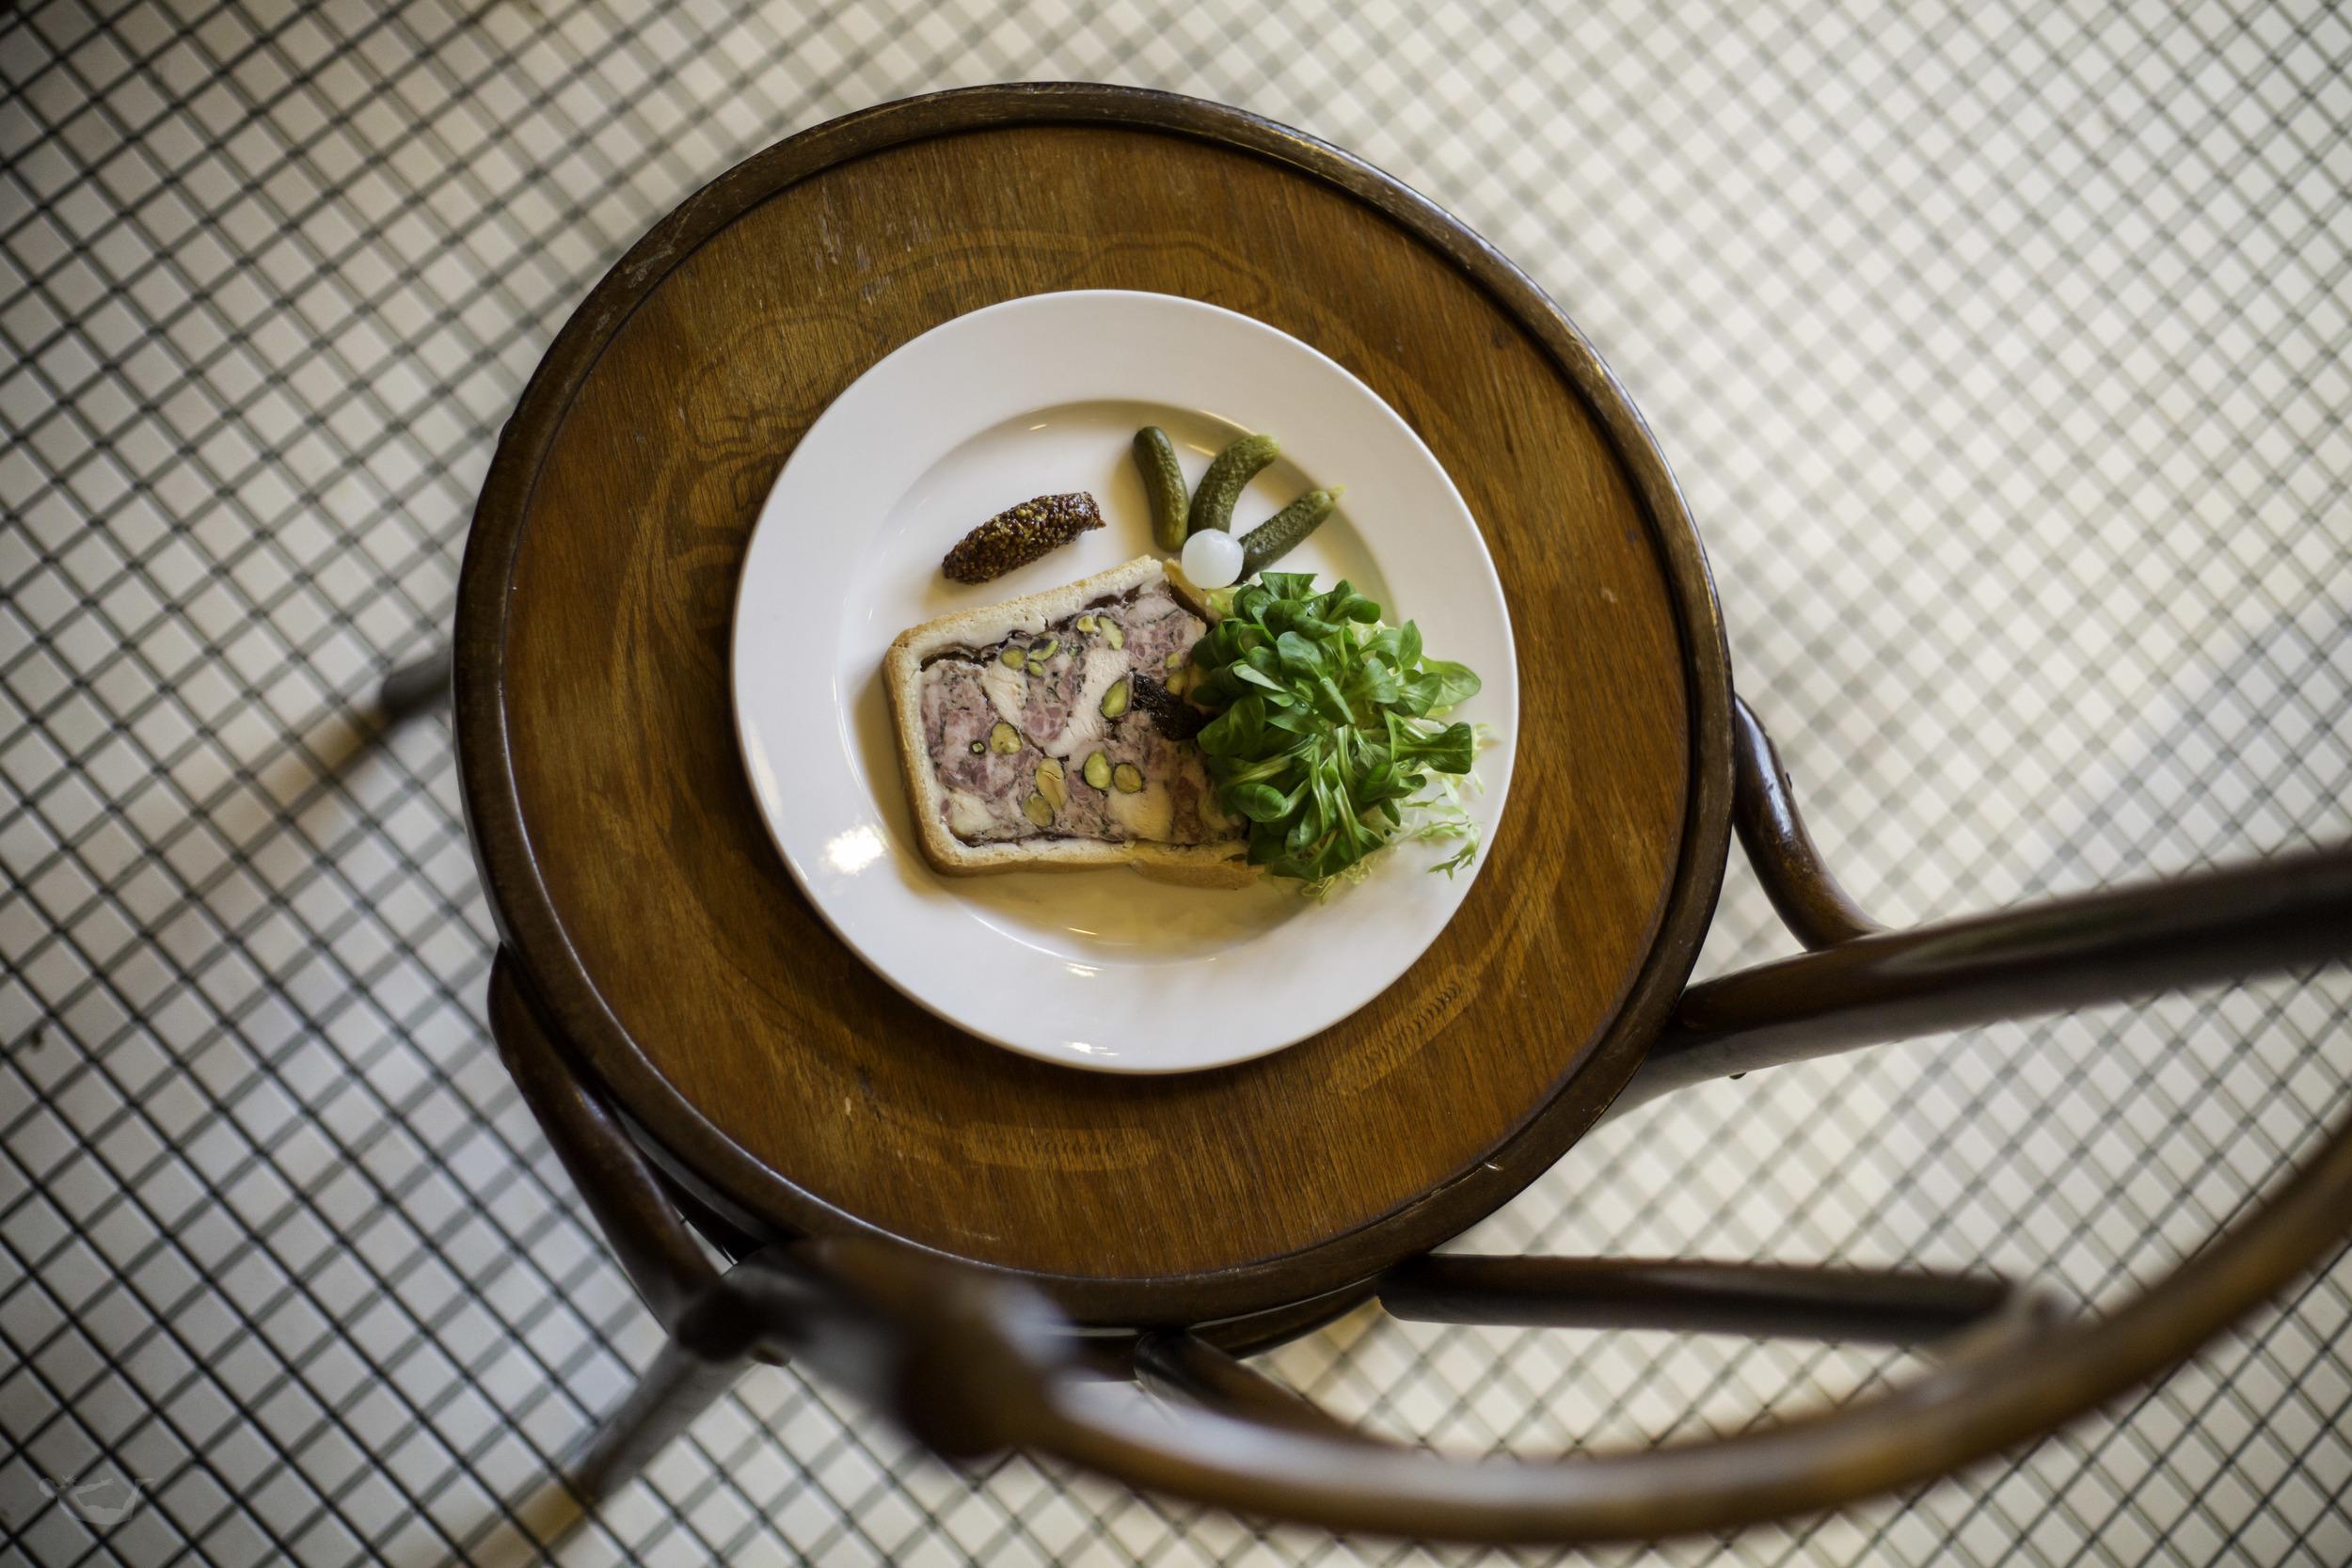 Restaurant Decor.jpg